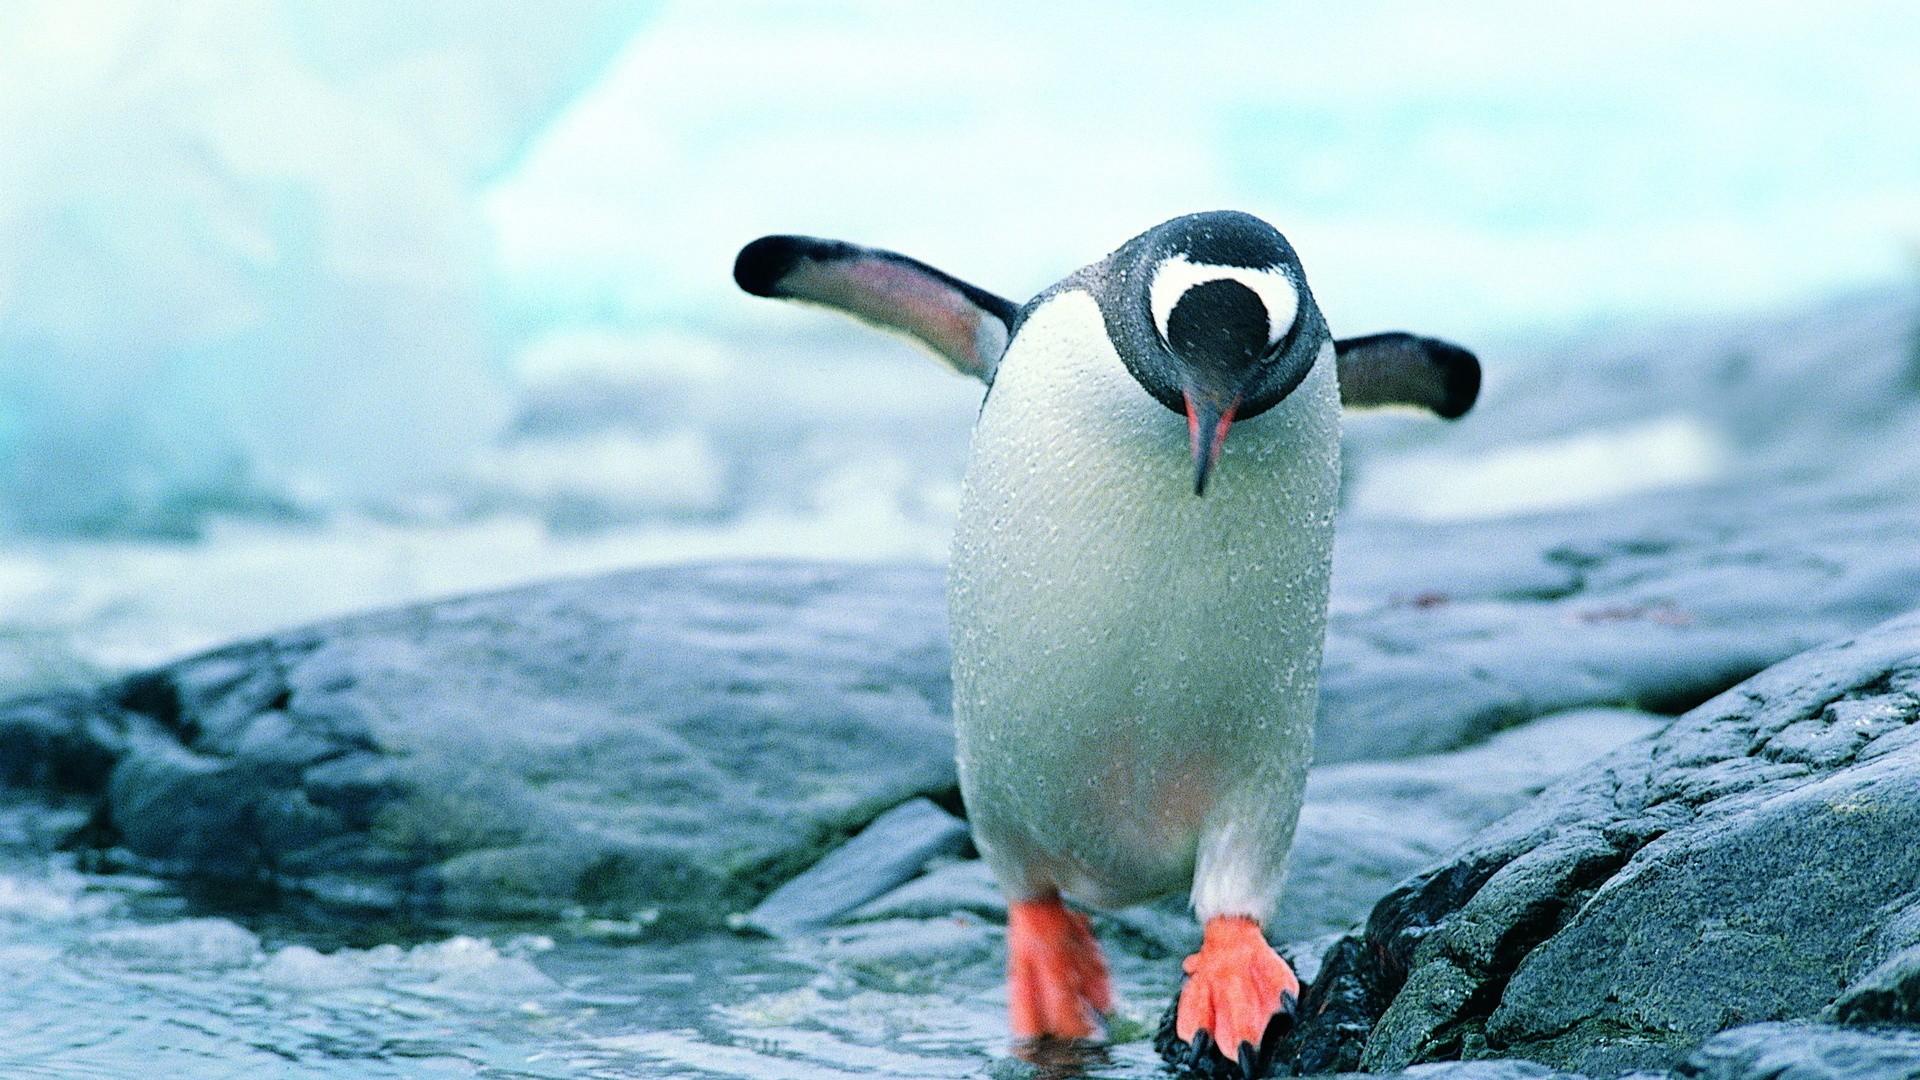 壁纸 动物 企鹅 1920_1080